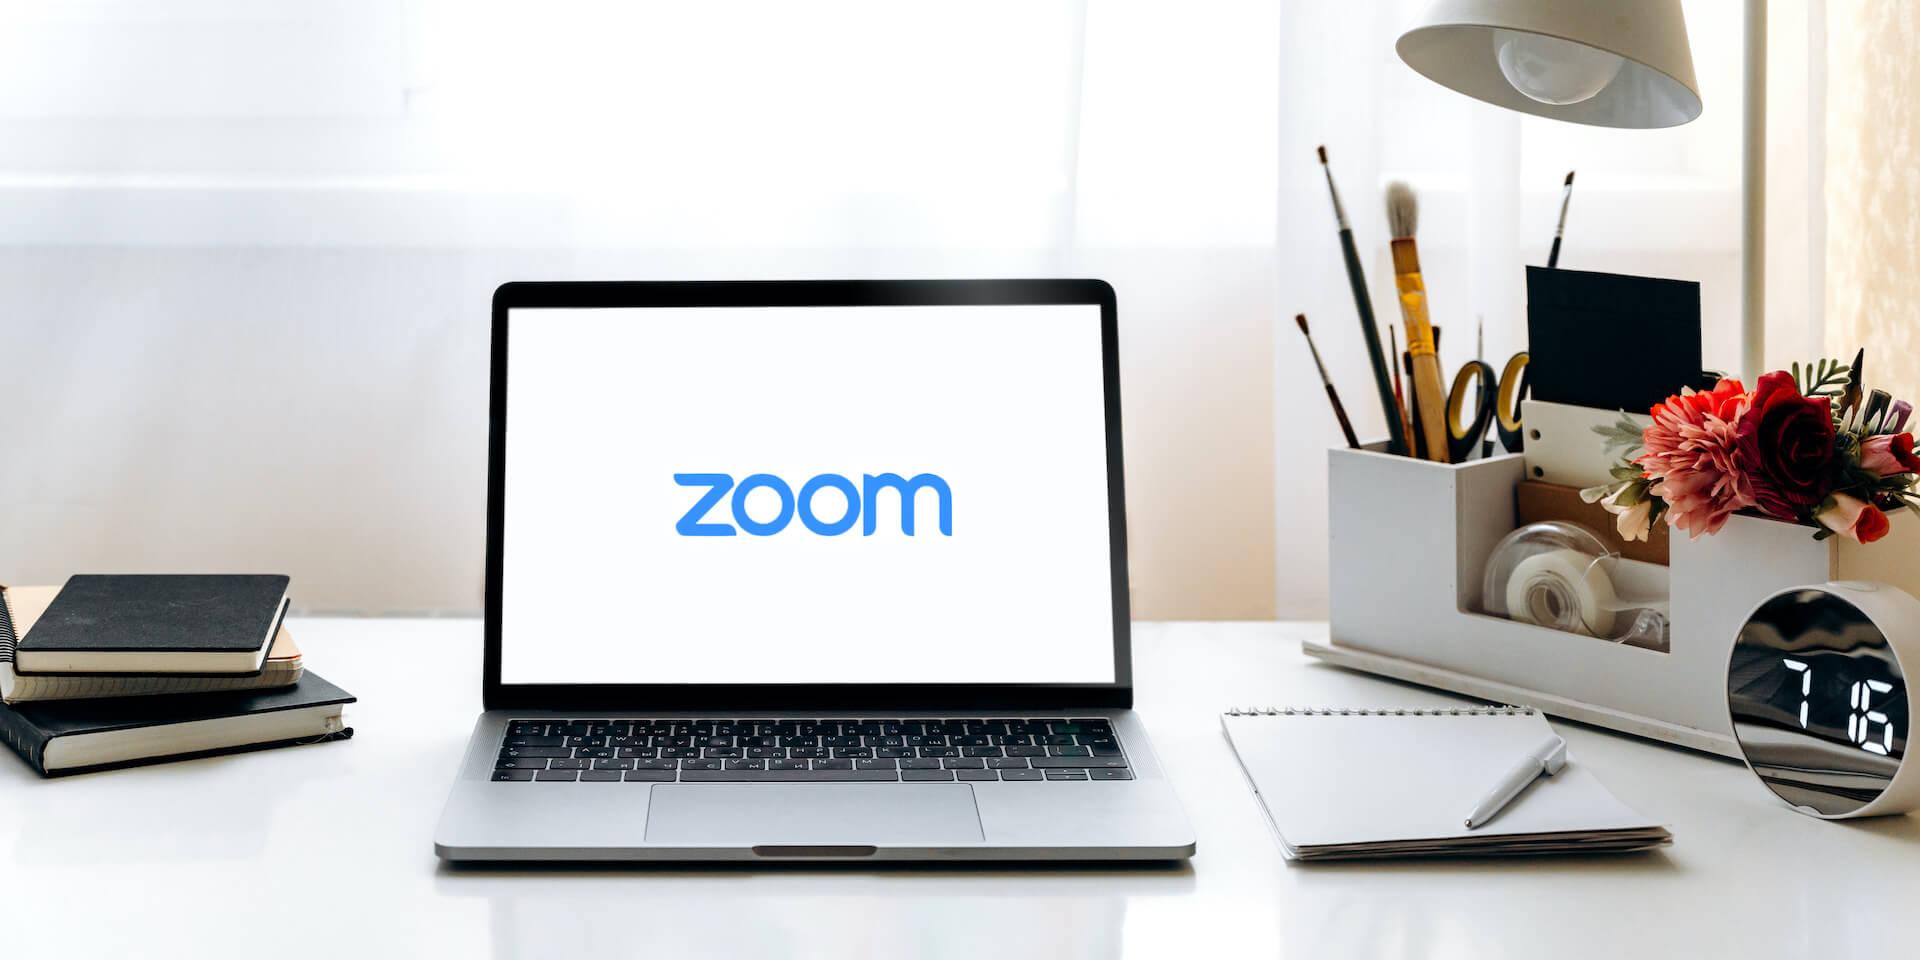 Zoom マック ブック